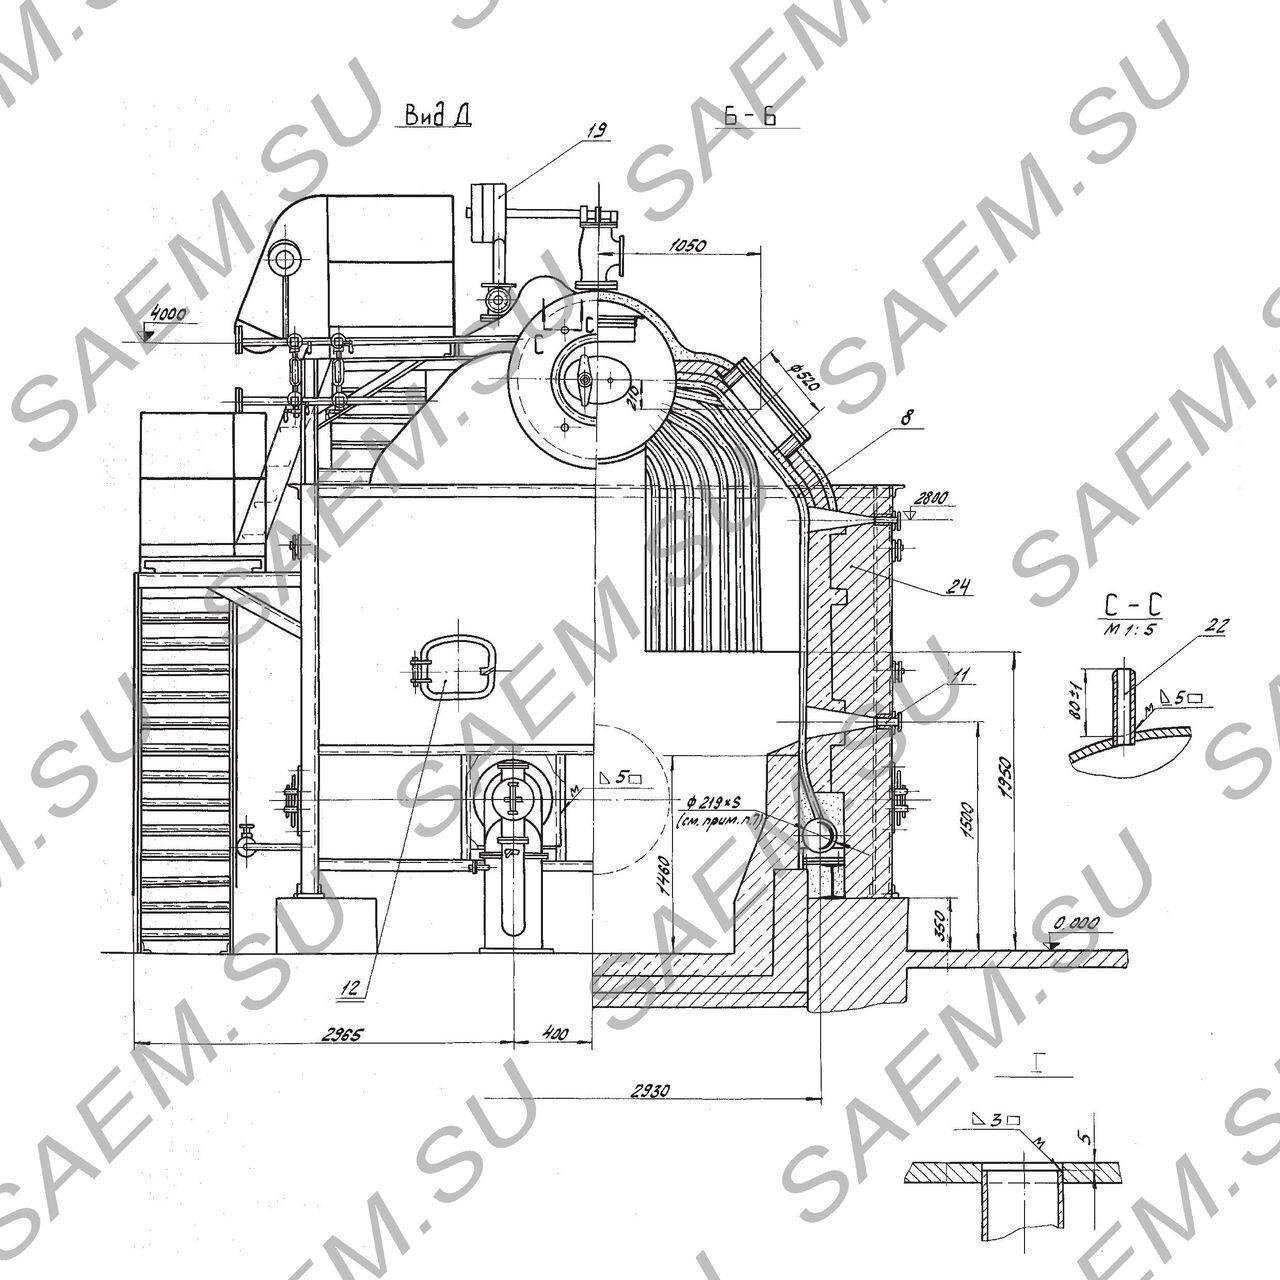 схема газавогоколлектора котла дквр